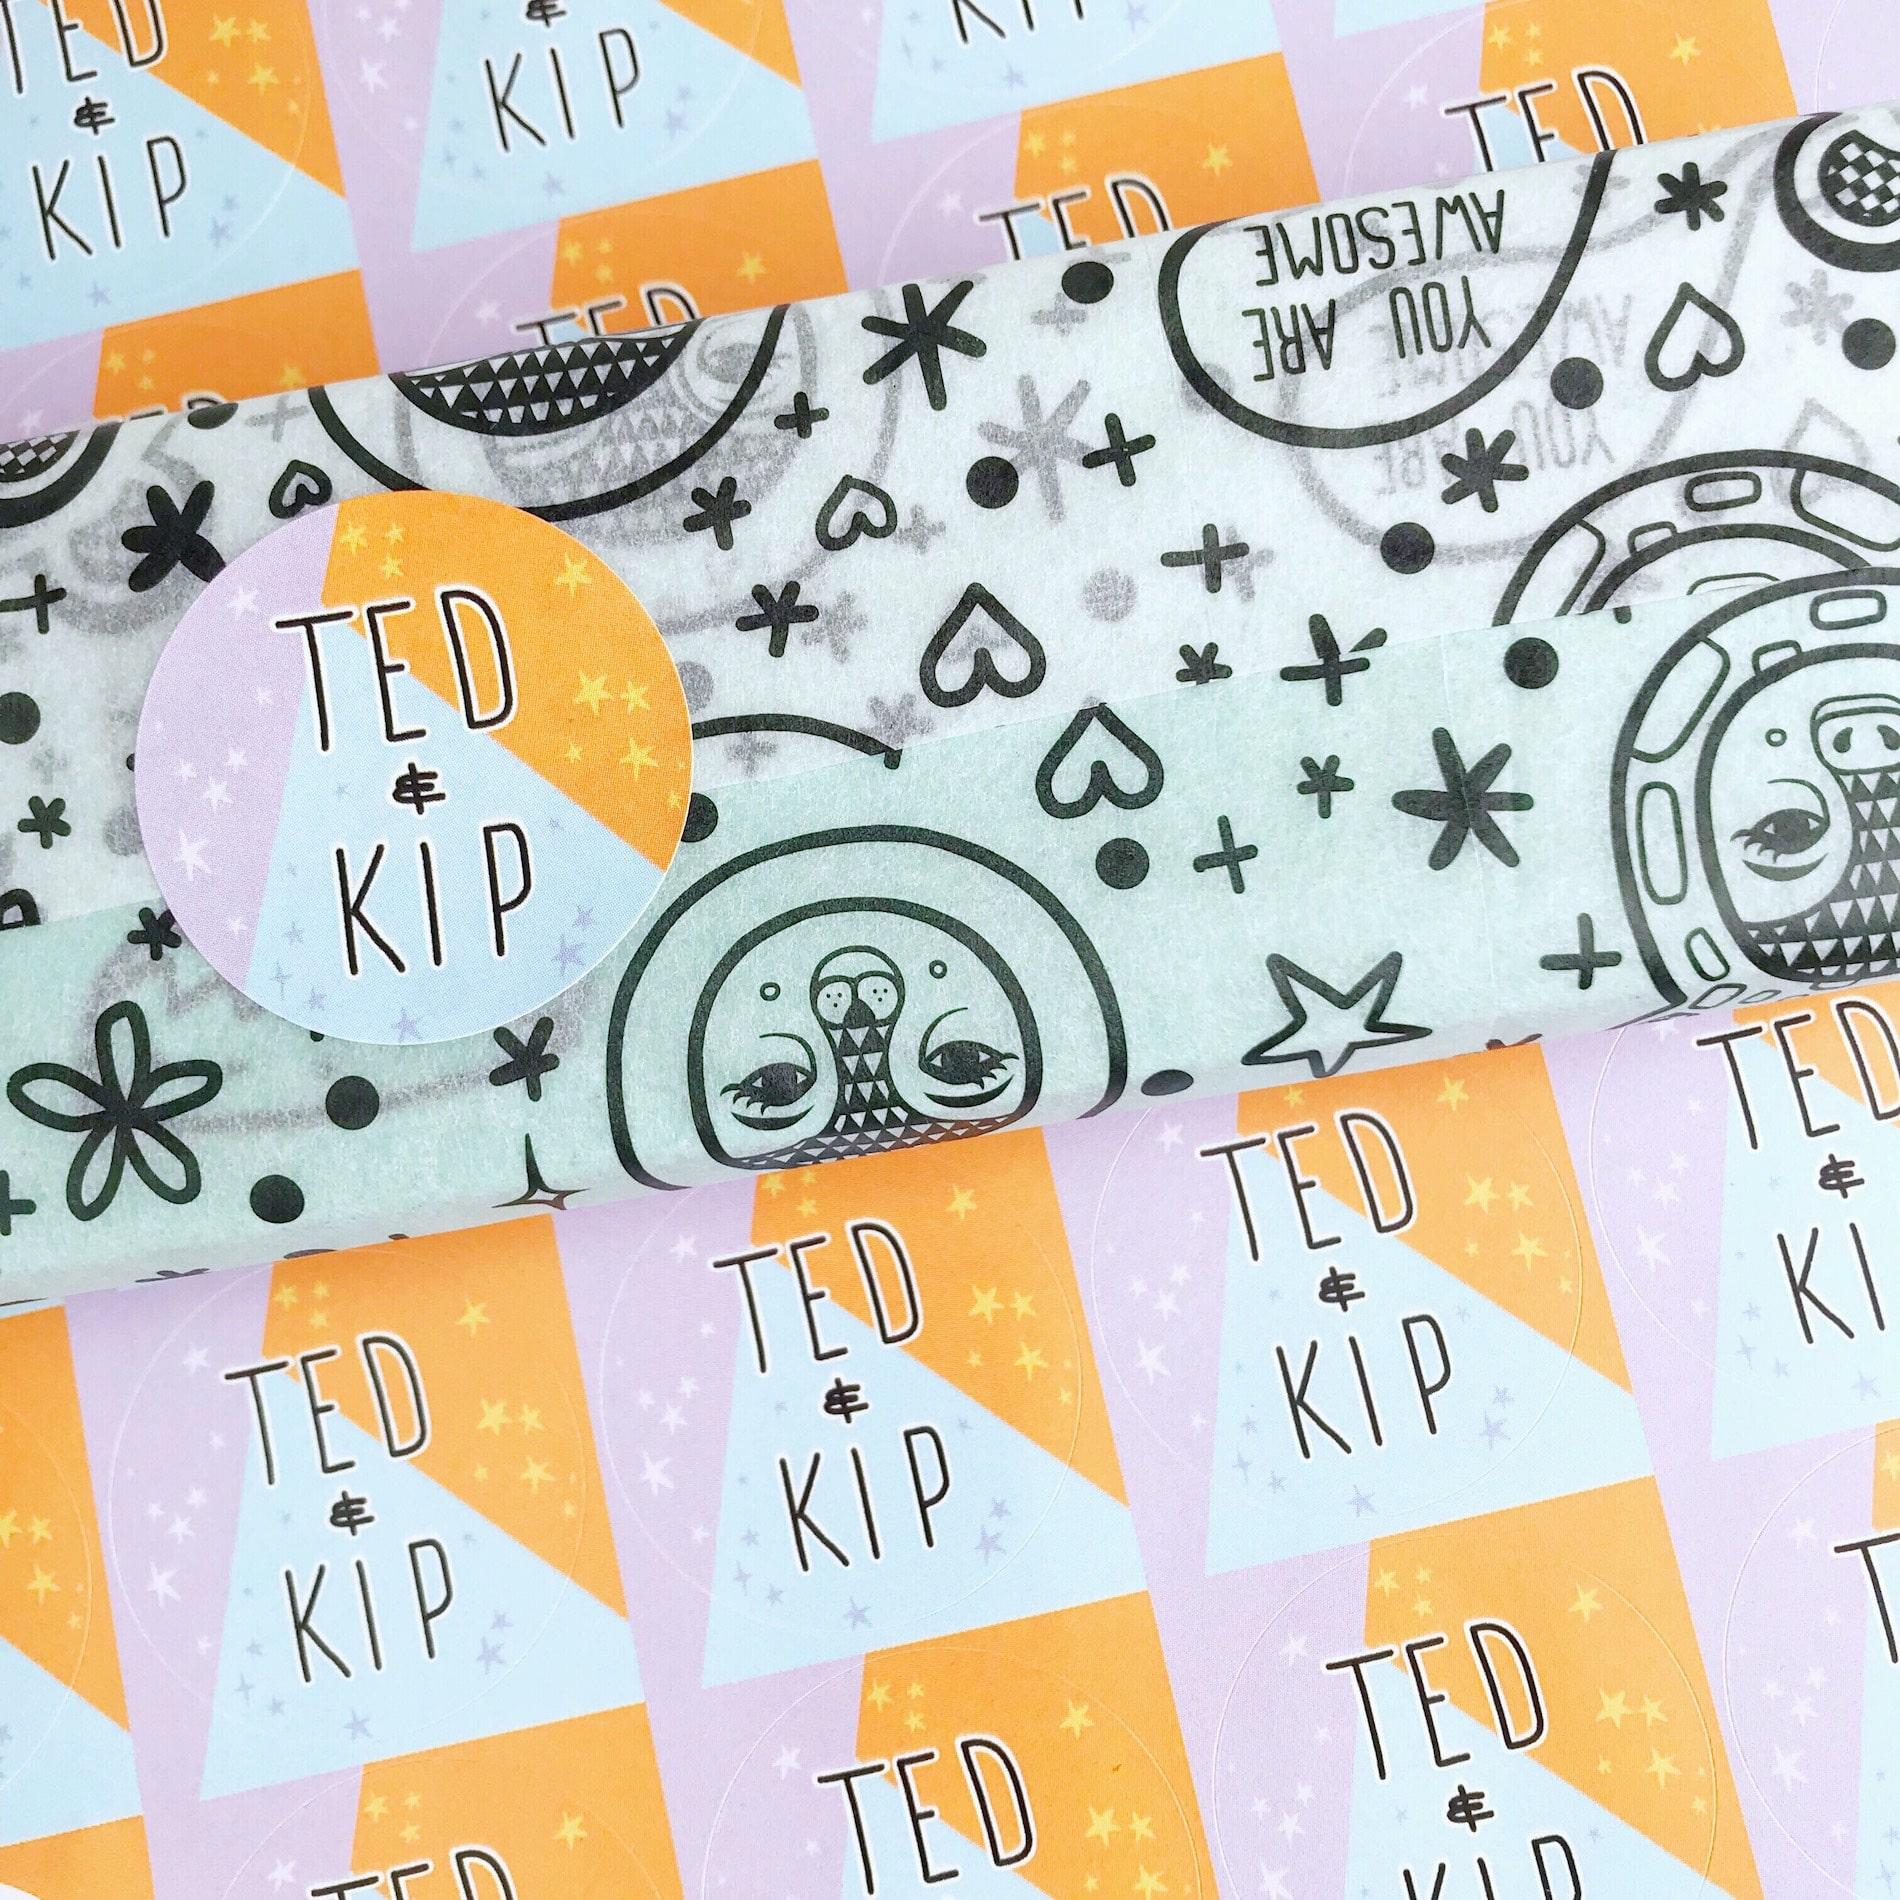 Ted & Kip custom tissue paper and custom sticker